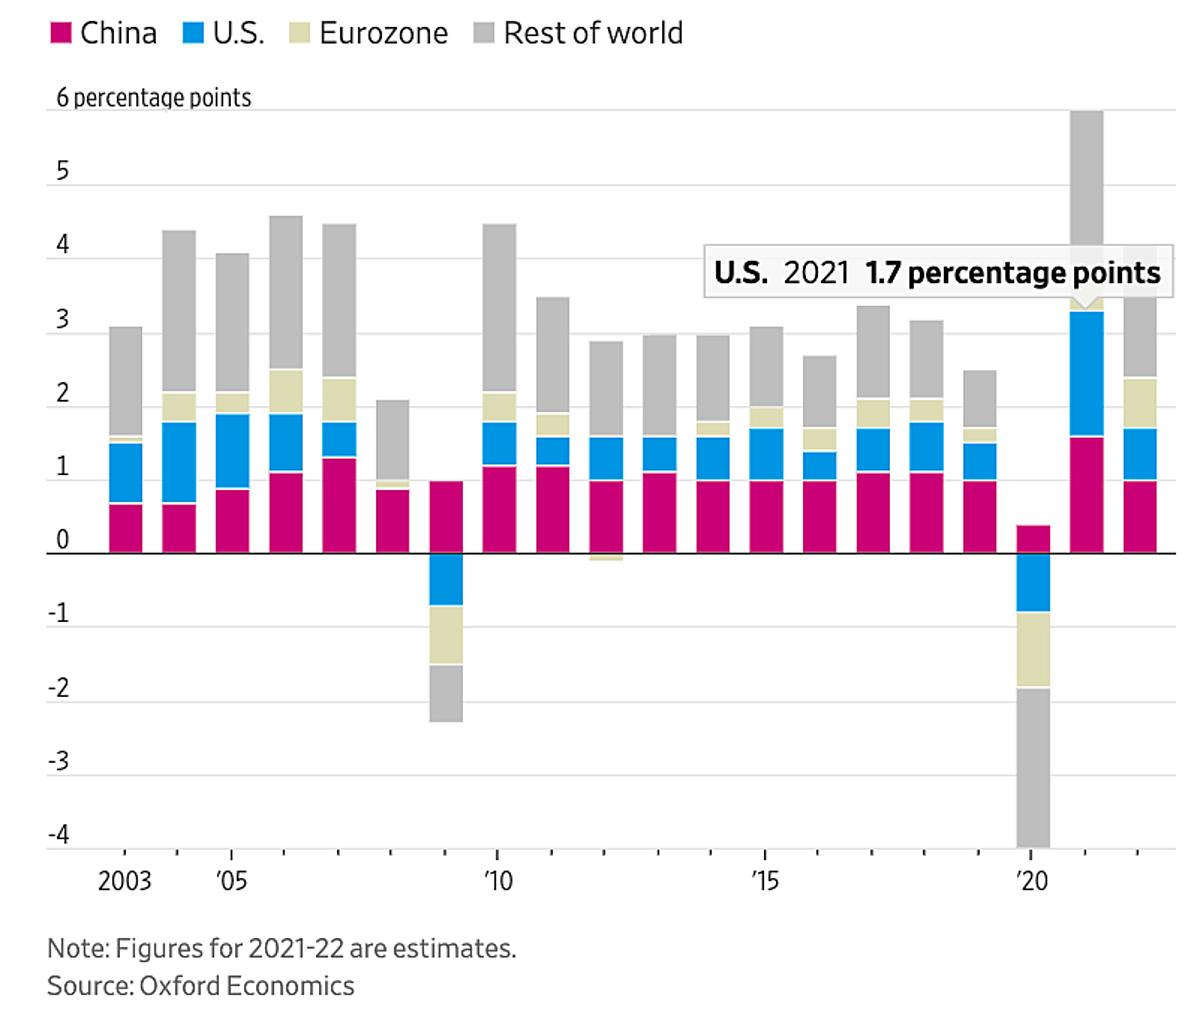 Đóng góp vào tăng trưởng toàn cầu qua các năm của các nền kinh tế: Trung Quốc (đỏ), Mỹ (xanh), Eurozone (vàng) và phần còn lại của thế giới (xám). Đồ họa: WSJ.